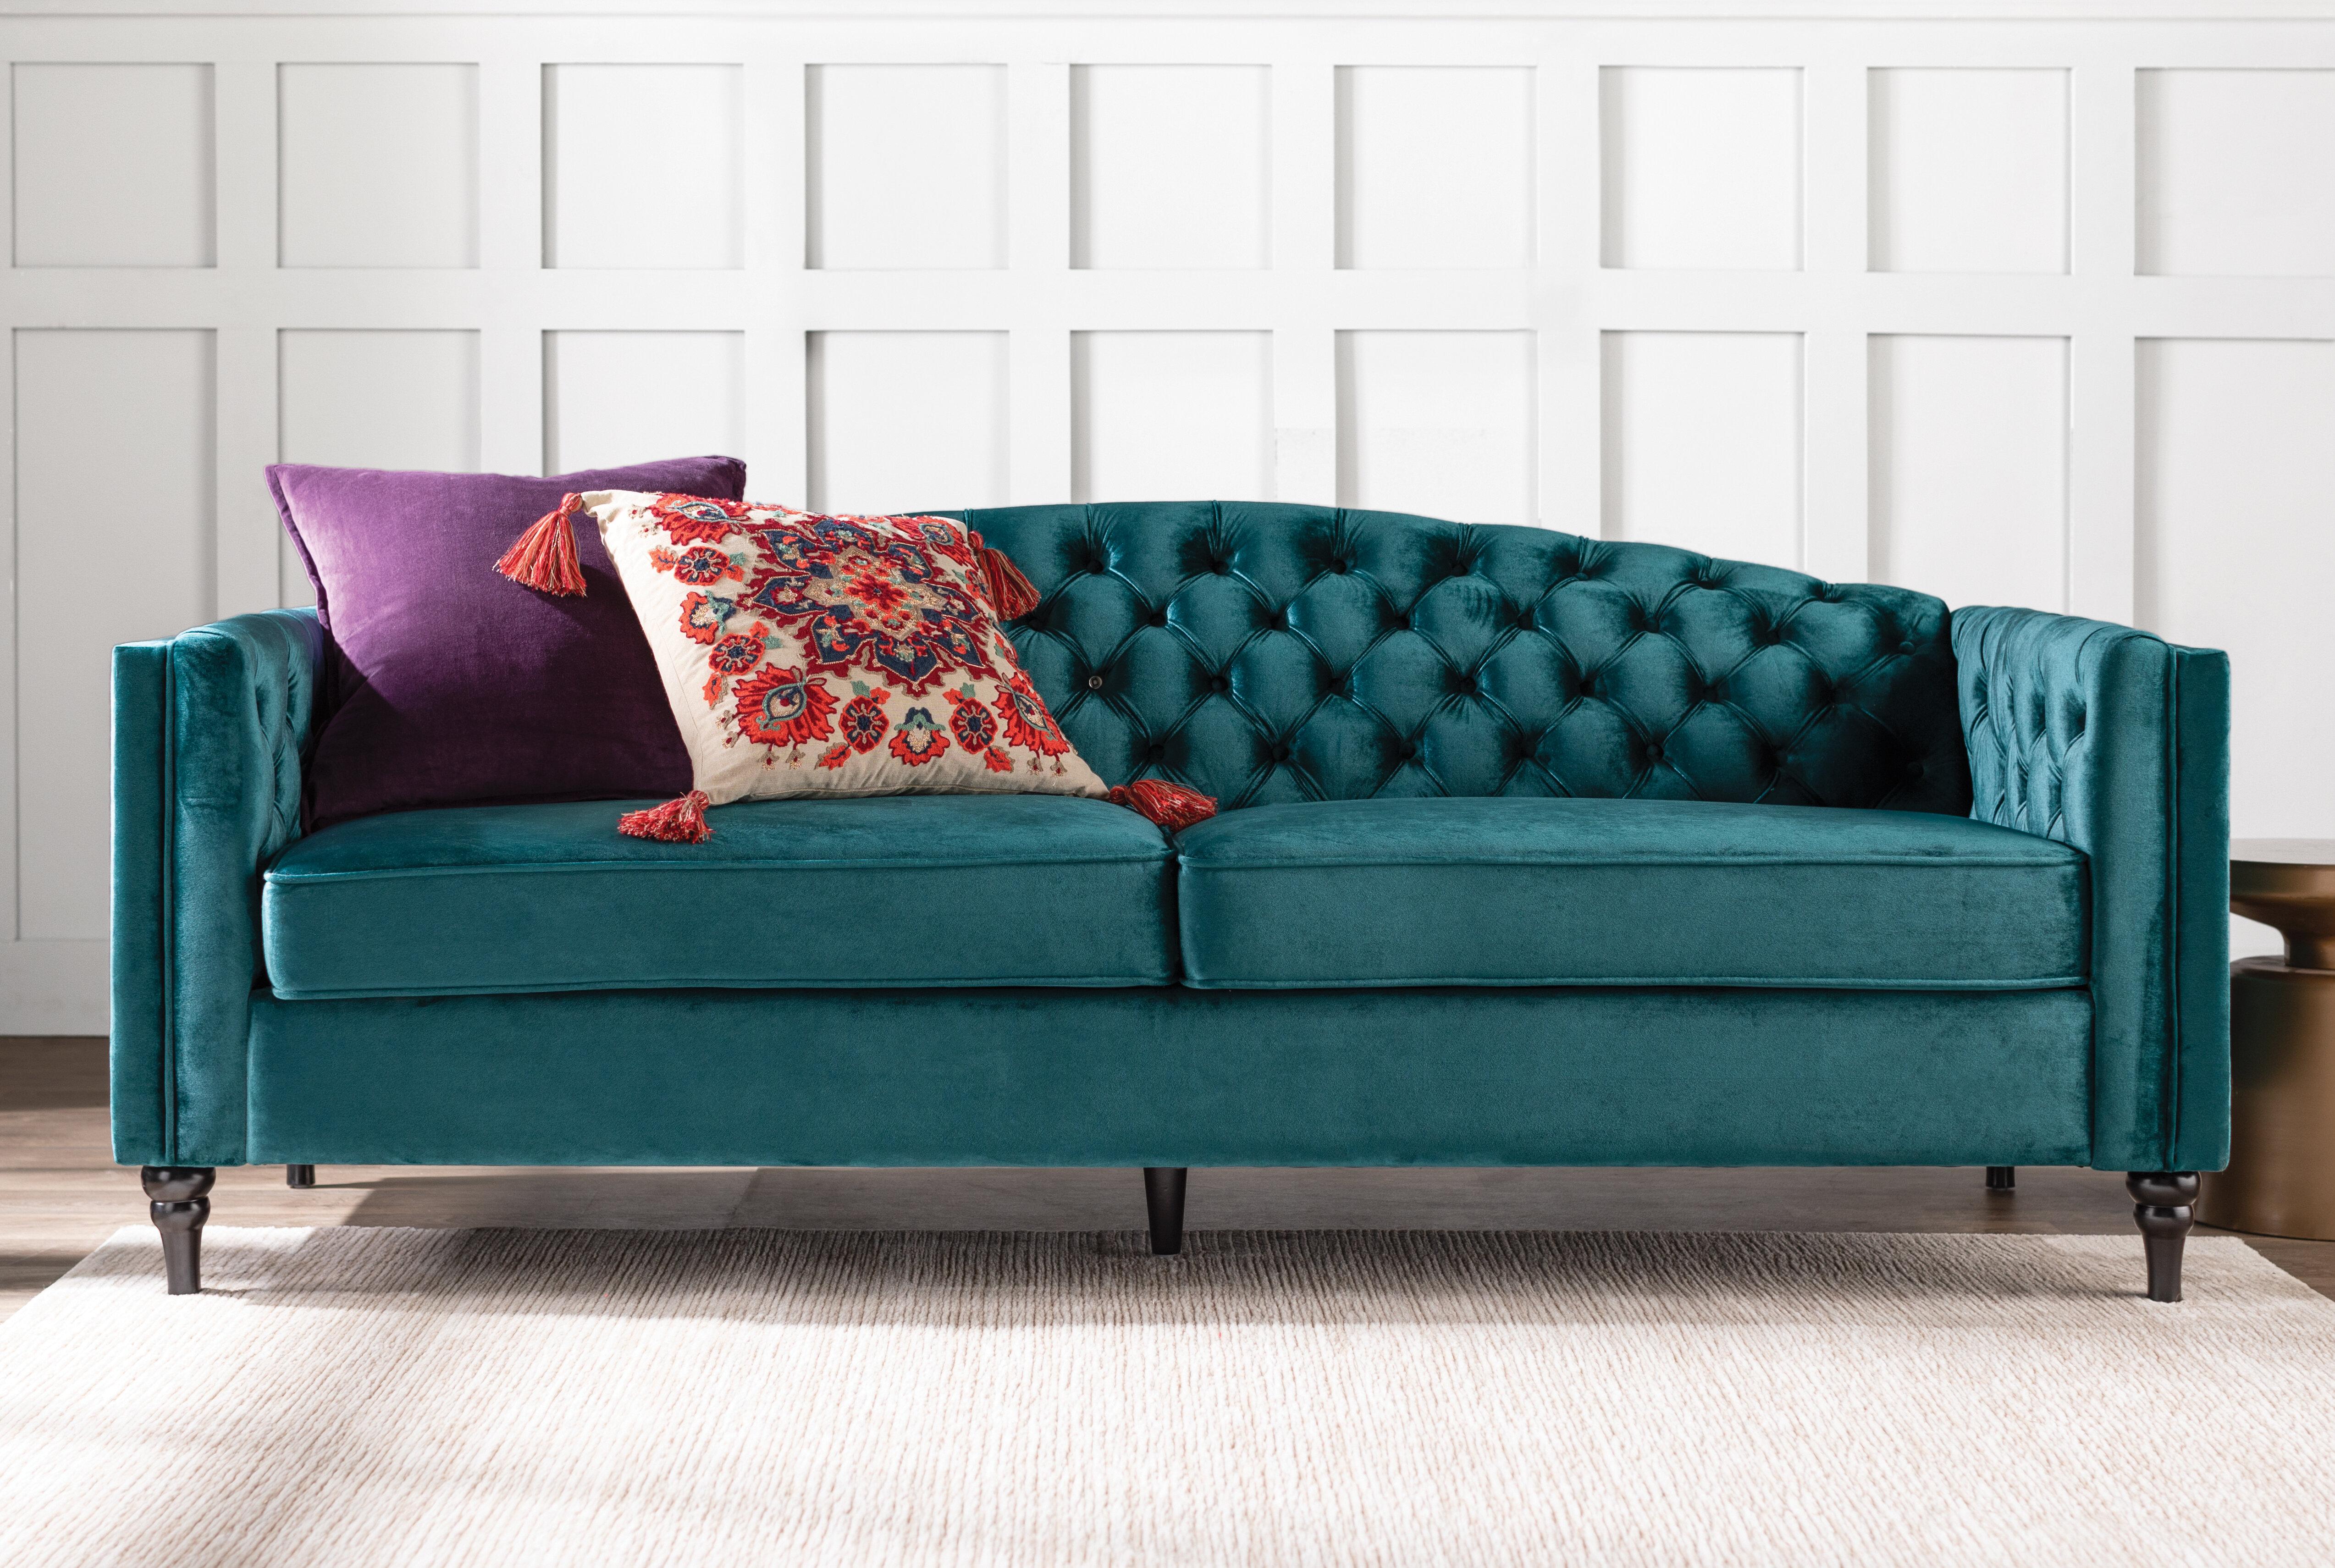 House Of Hampton Riggs 84 Wide Fabric Velvet Square Arm Sofa Reviews Wayfair